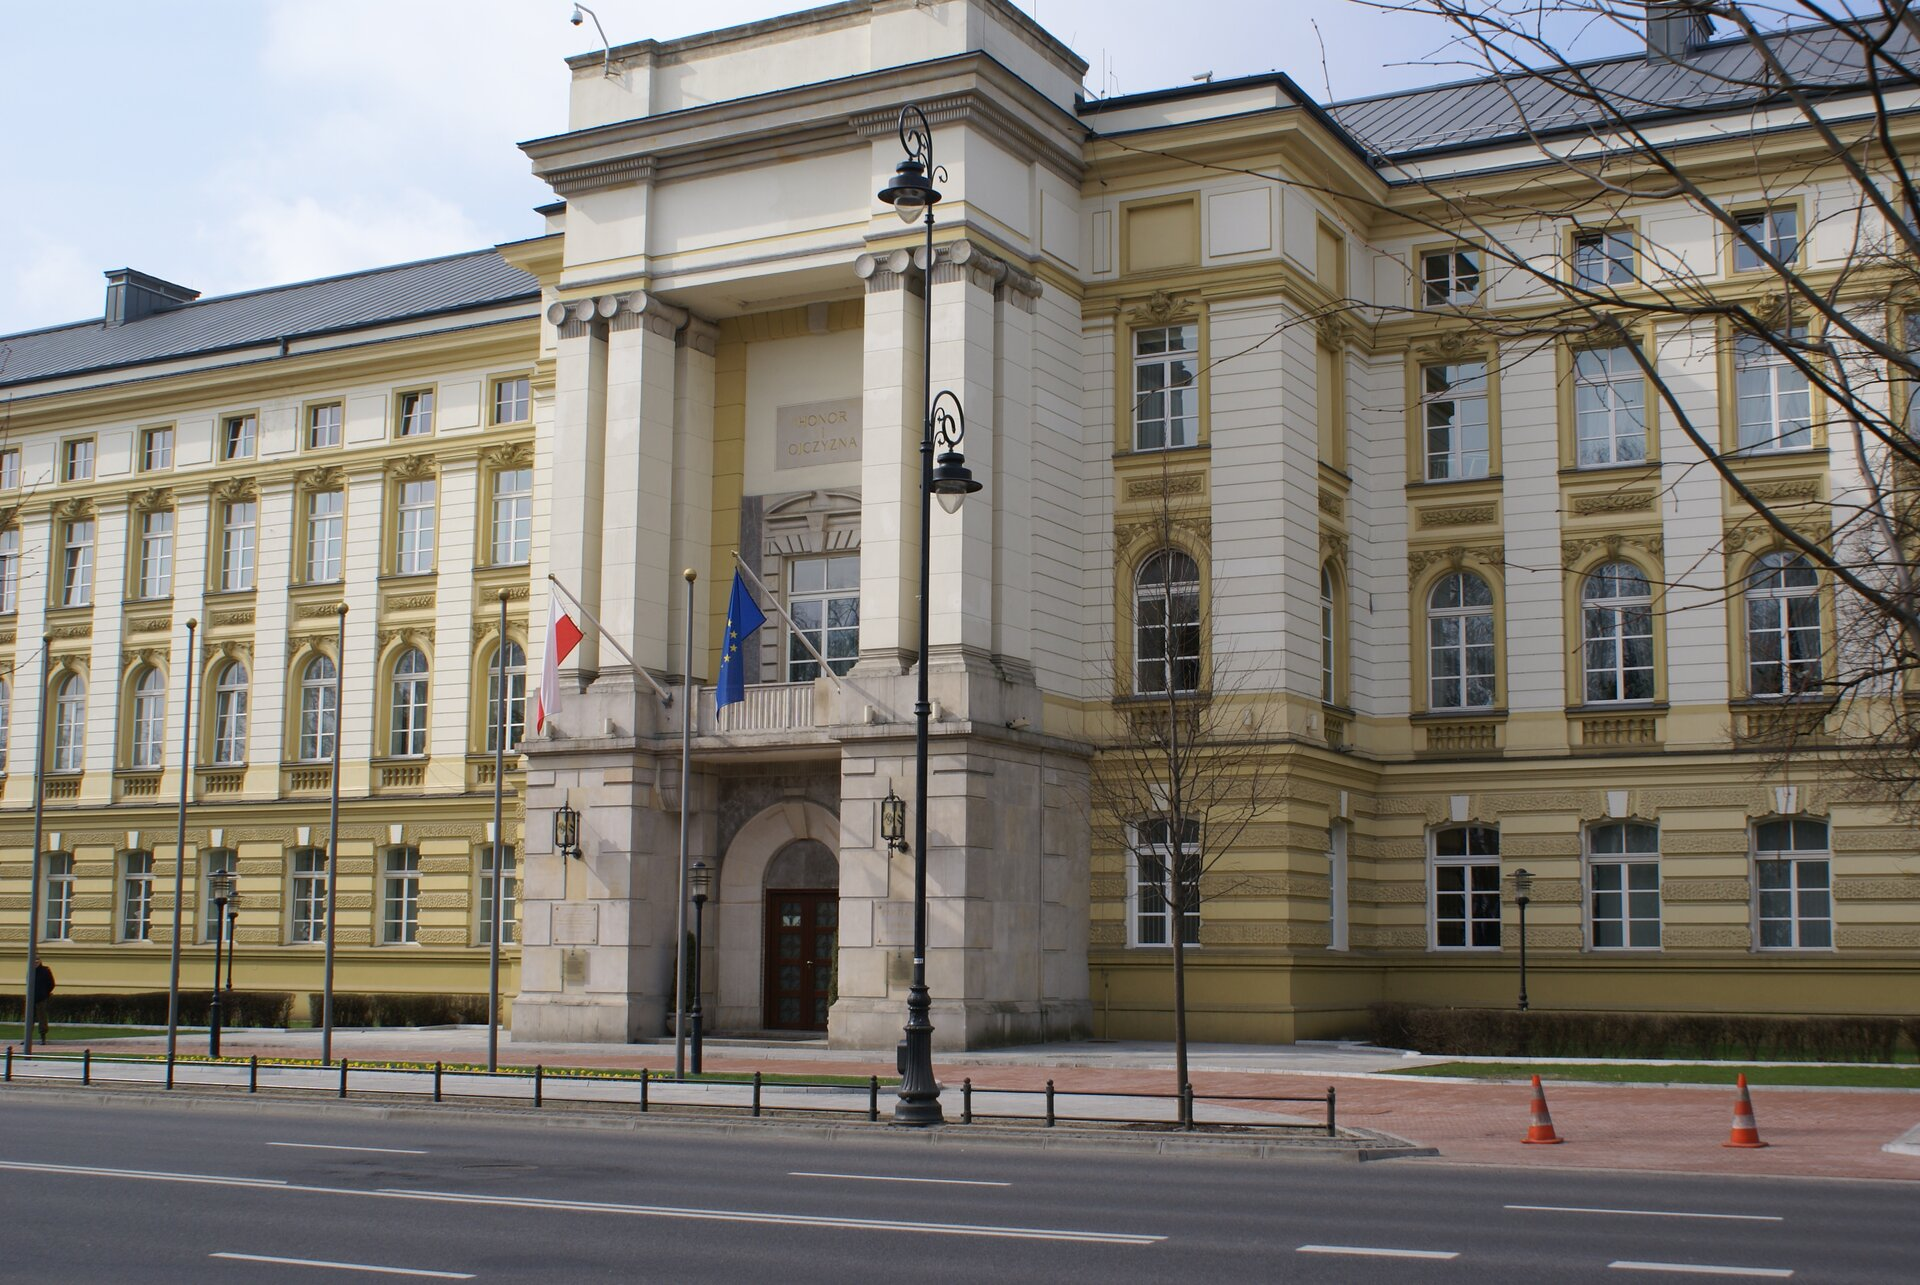 Siedziba Rady Ministrów Siedziba Rady Ministrów Źródło: Laleczki, licencja: CC BY 4.0.